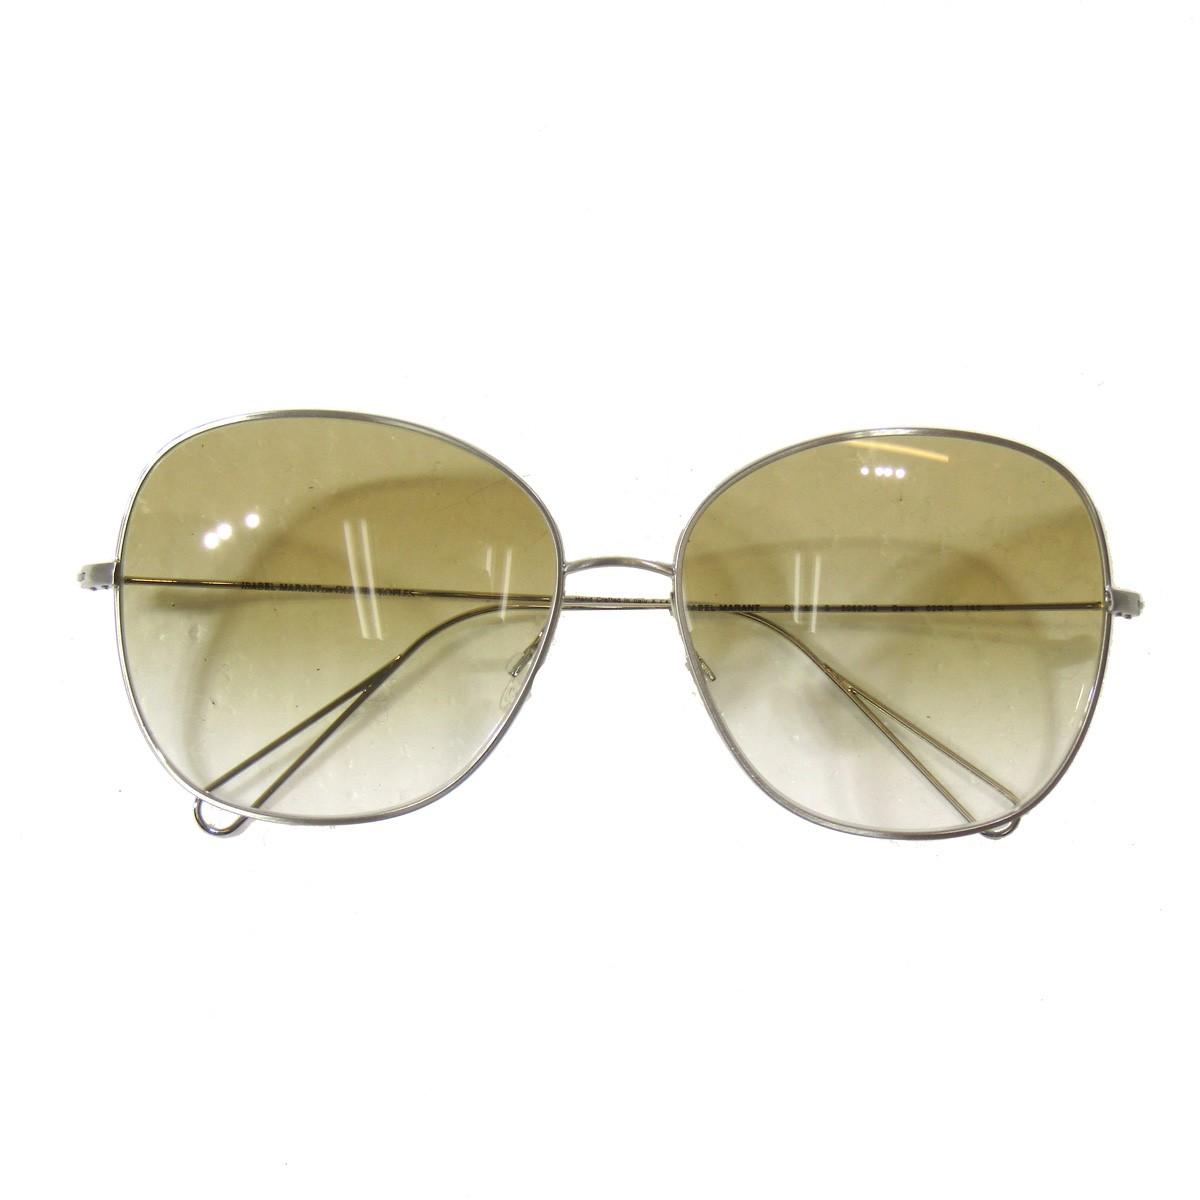 【中古】OLIVER PEOPLES Isabel Marant DARIA OV-1151 ゴールド サイズ:62□16 140 【190420】(オリバーピープルズ)